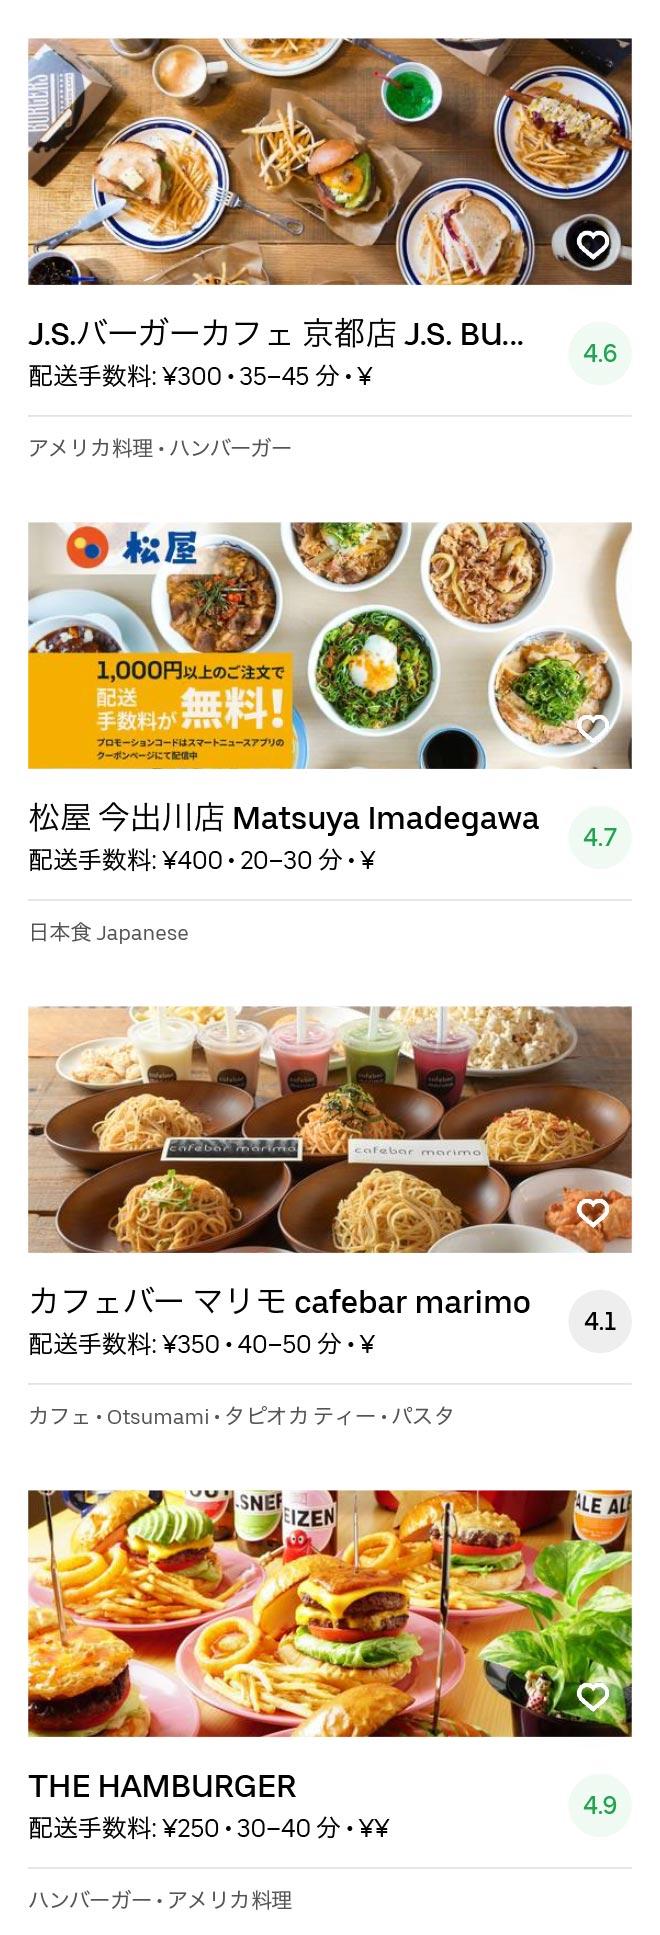 Kyoto hanazono menu 2005 06